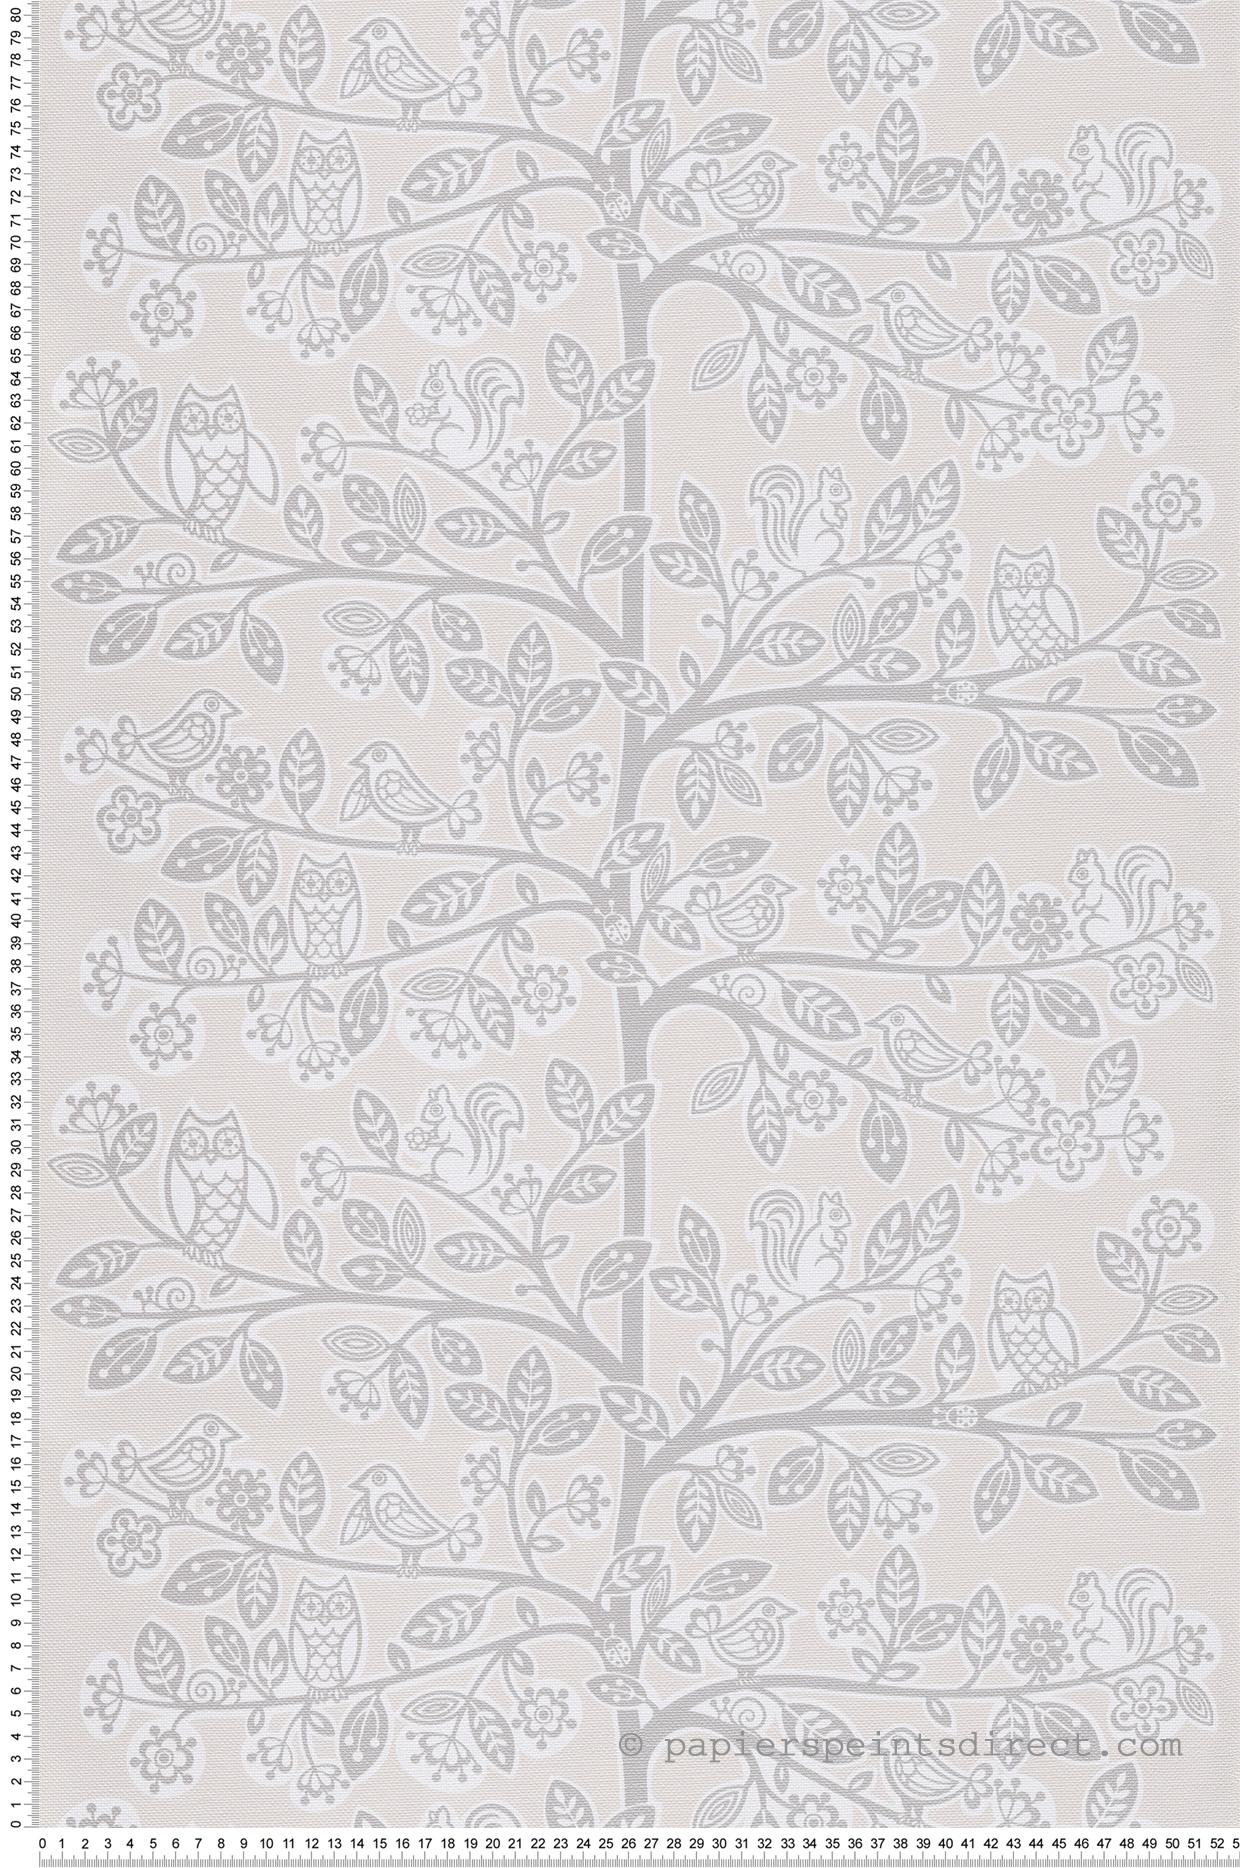 Papier peint enfant Arbre animaux beige - Jack N Rose 2 de Montecolino | Réf. MC-LL06028